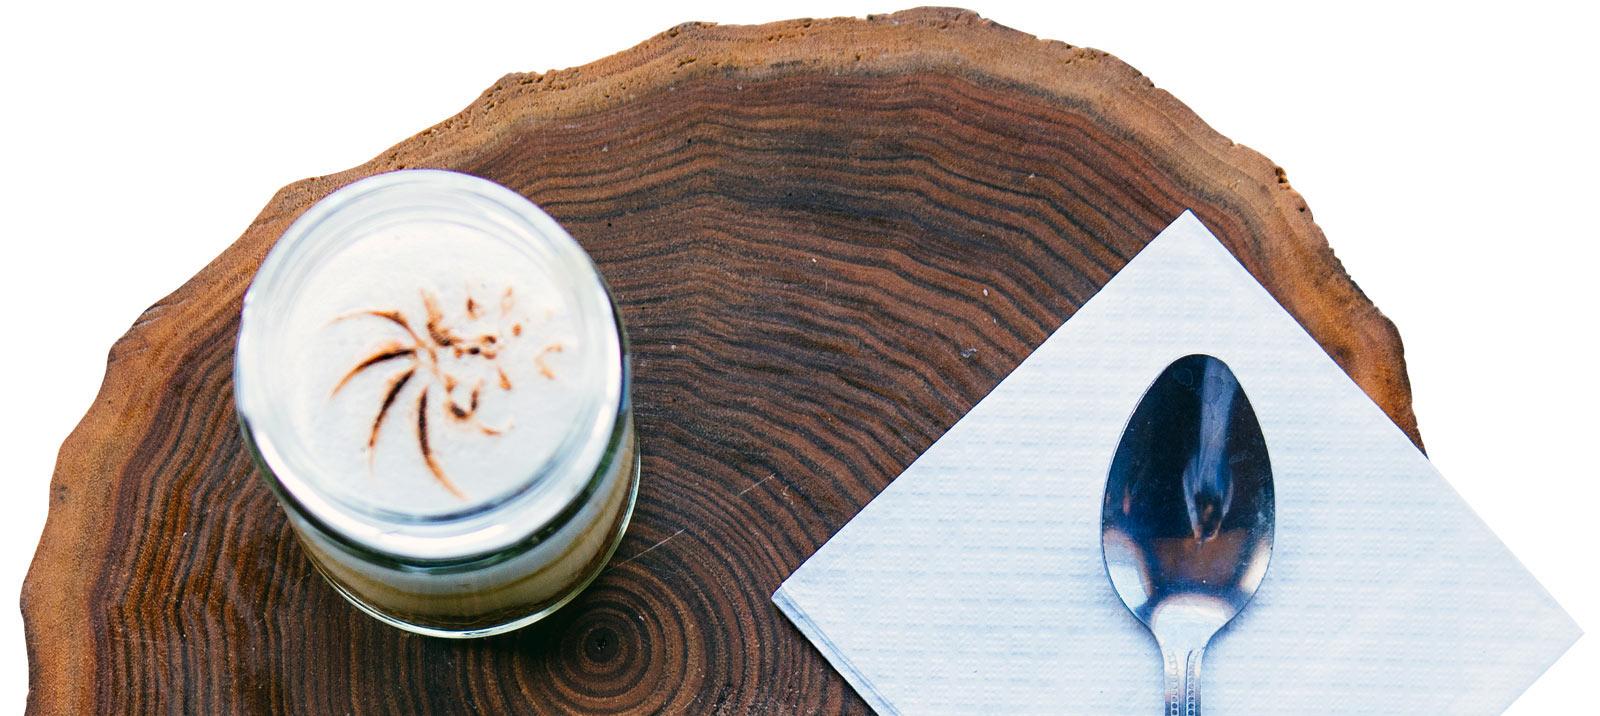 Assiettes et plateaux de serveur en bois